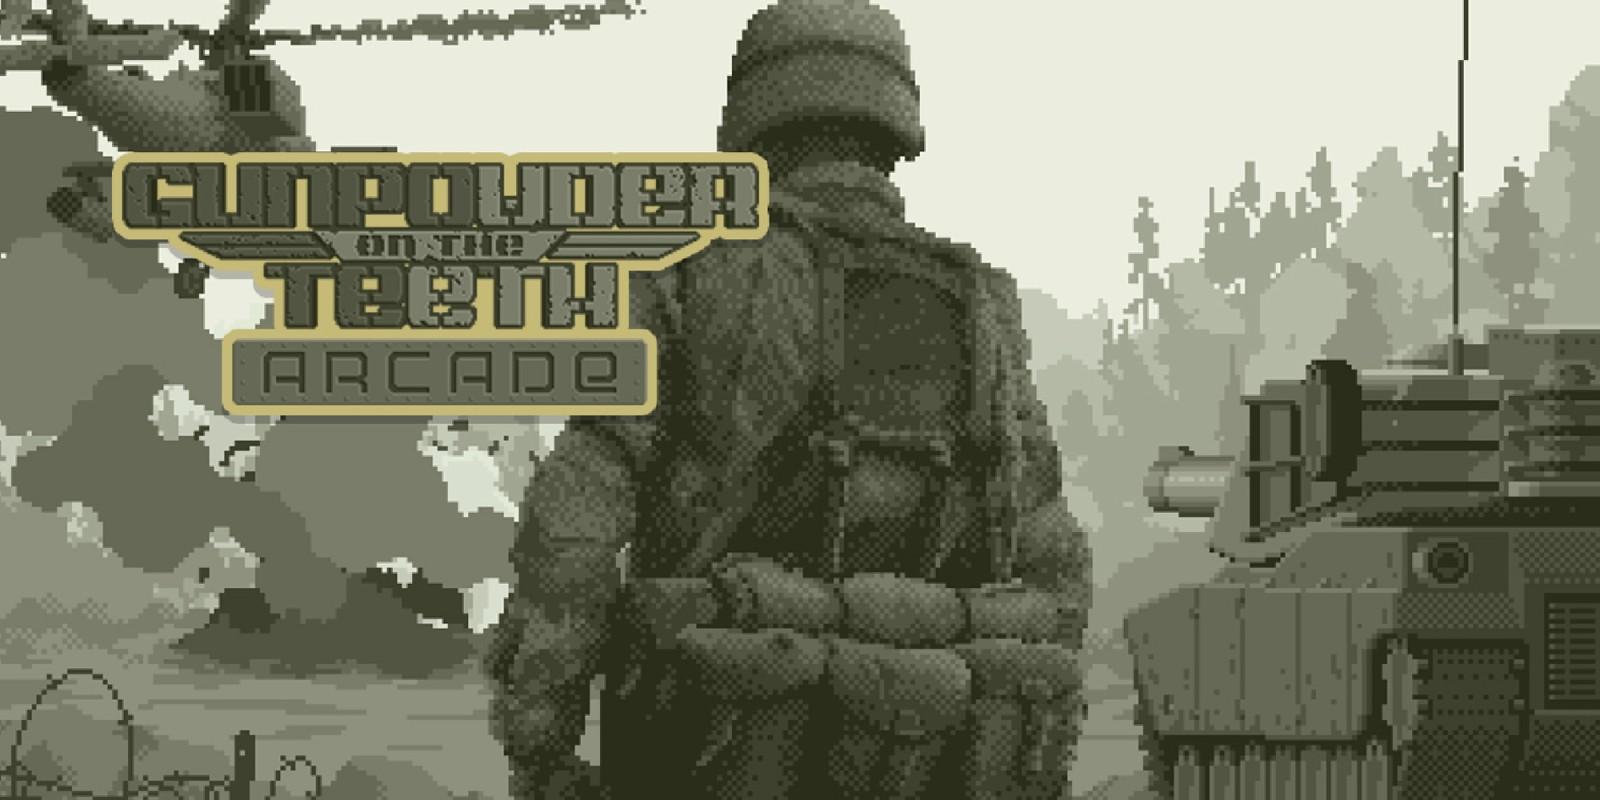 [Switch] Jogo de plataforma Gunpowder on the Teeth: Arcade chega na próxima semana na América do Norte e Europa